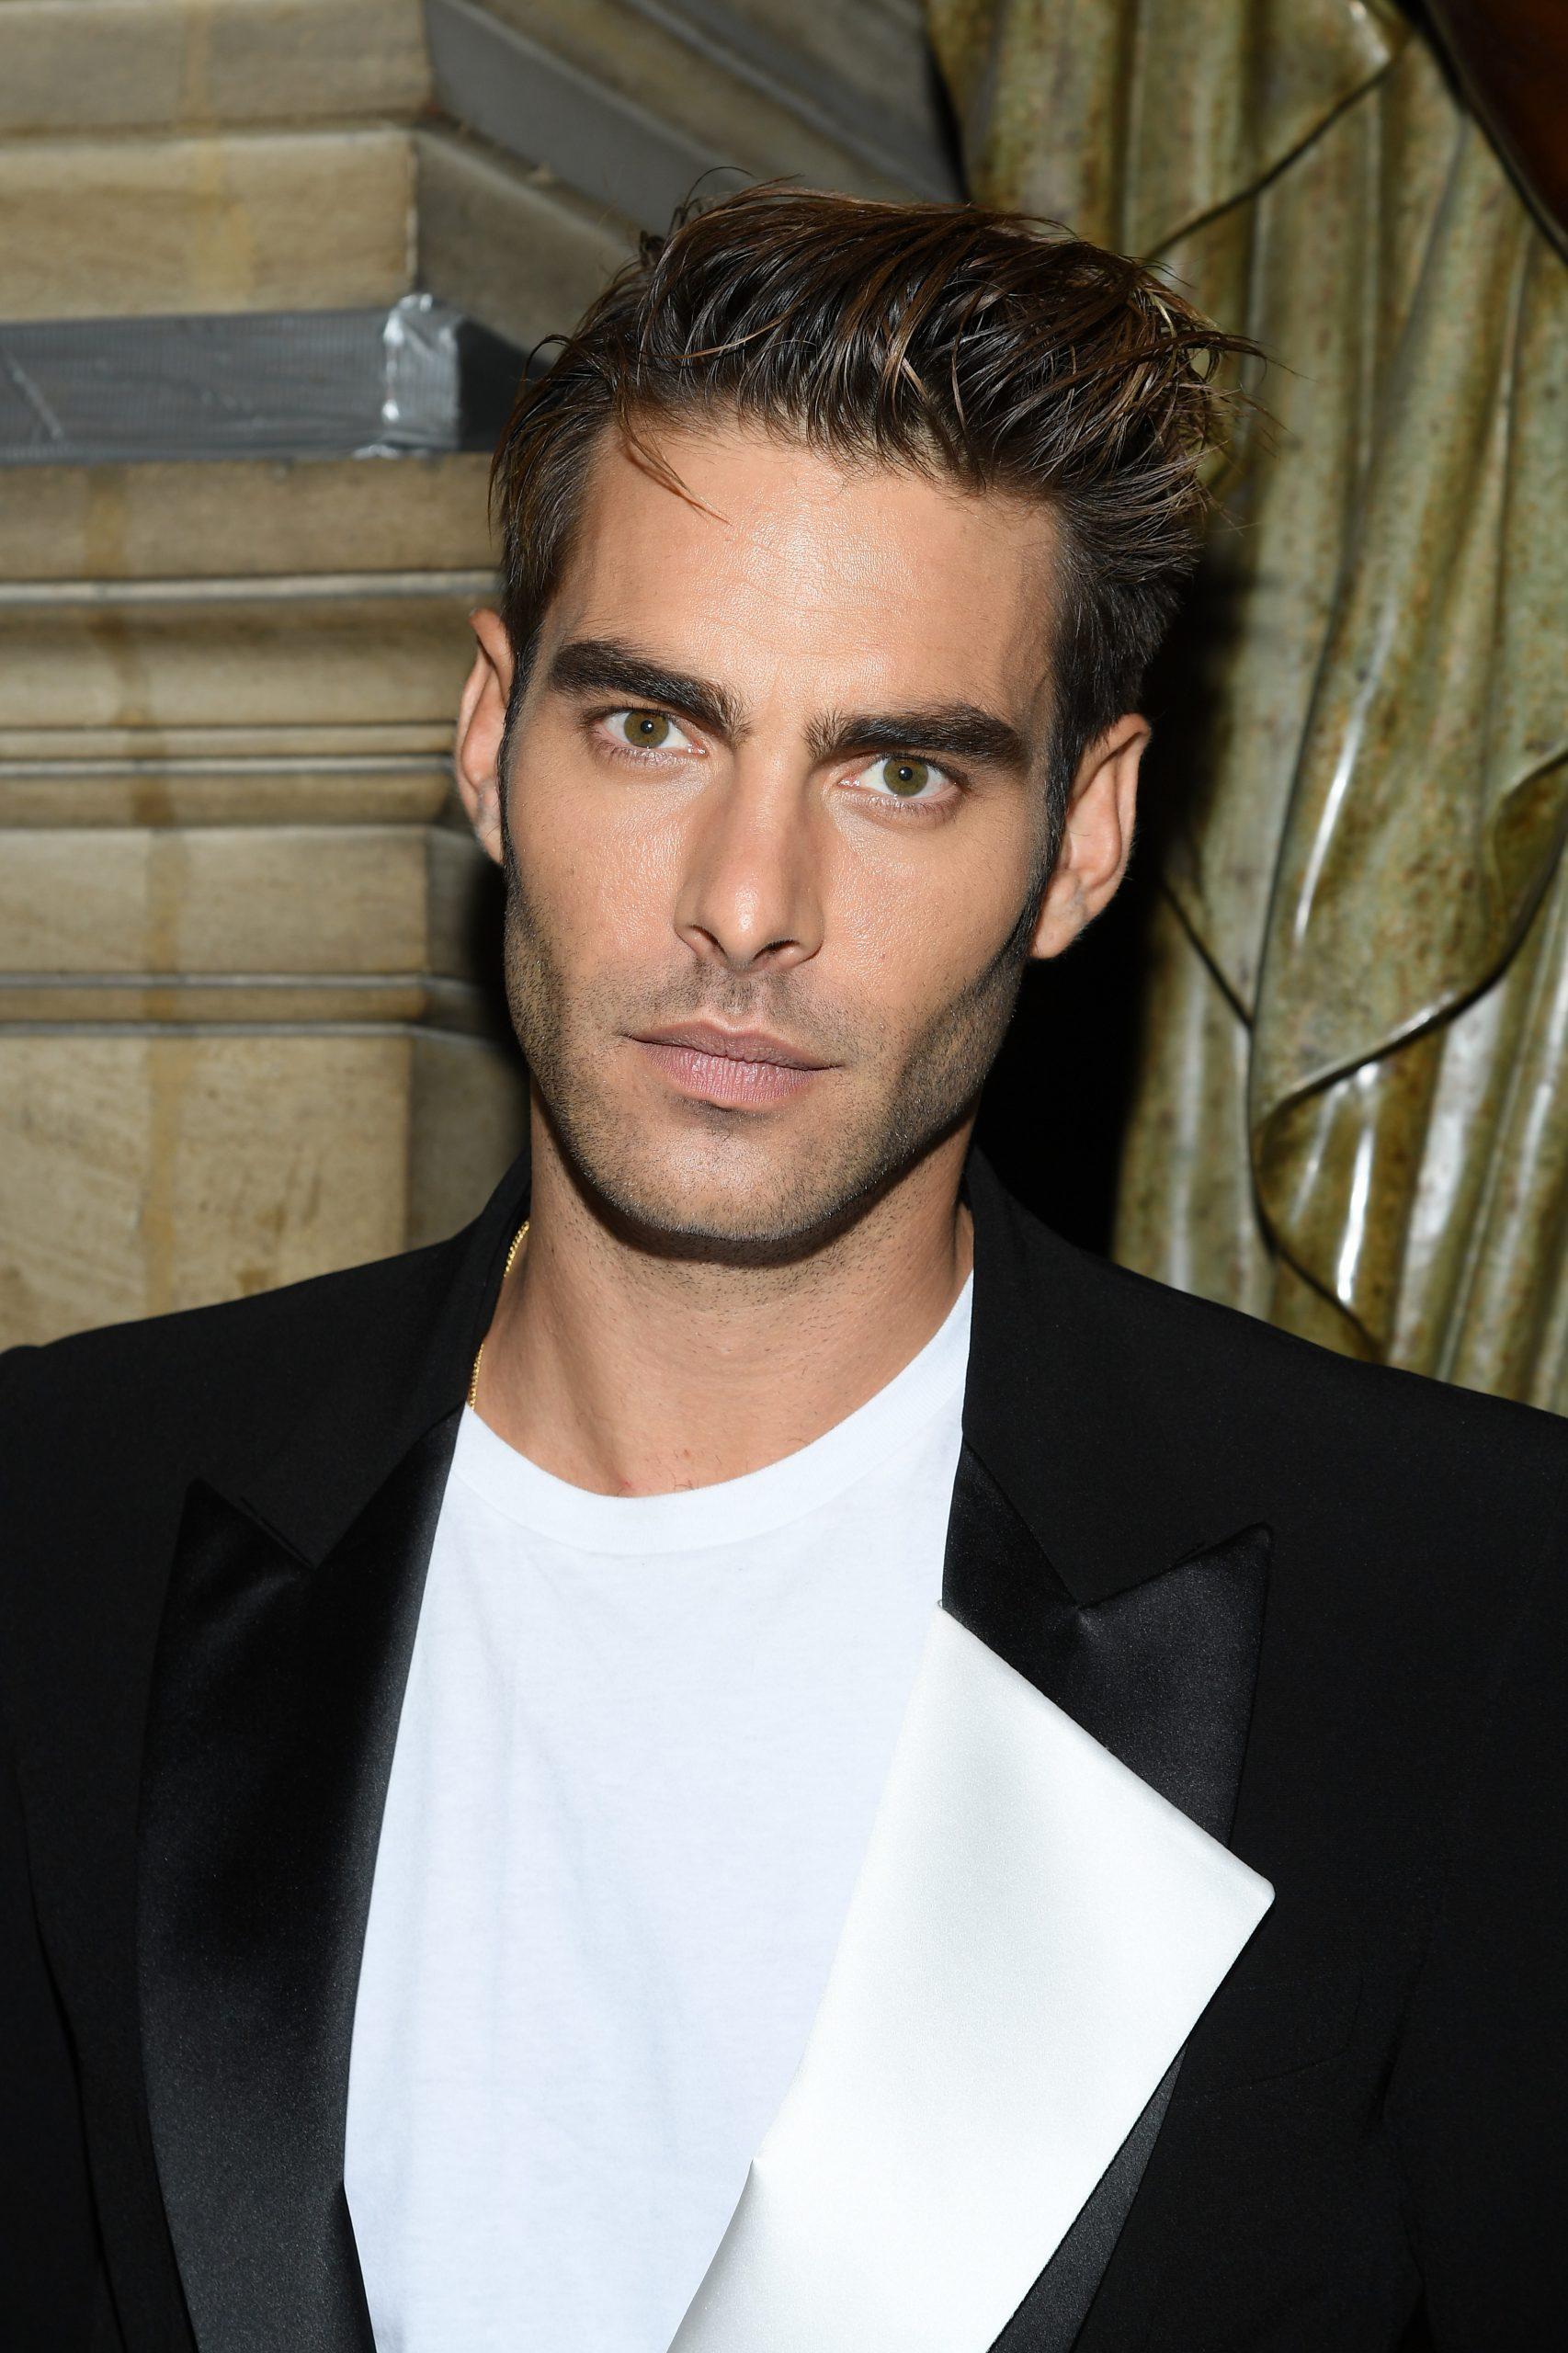 Peinado con tupé: El modelo Jon Kortajarena